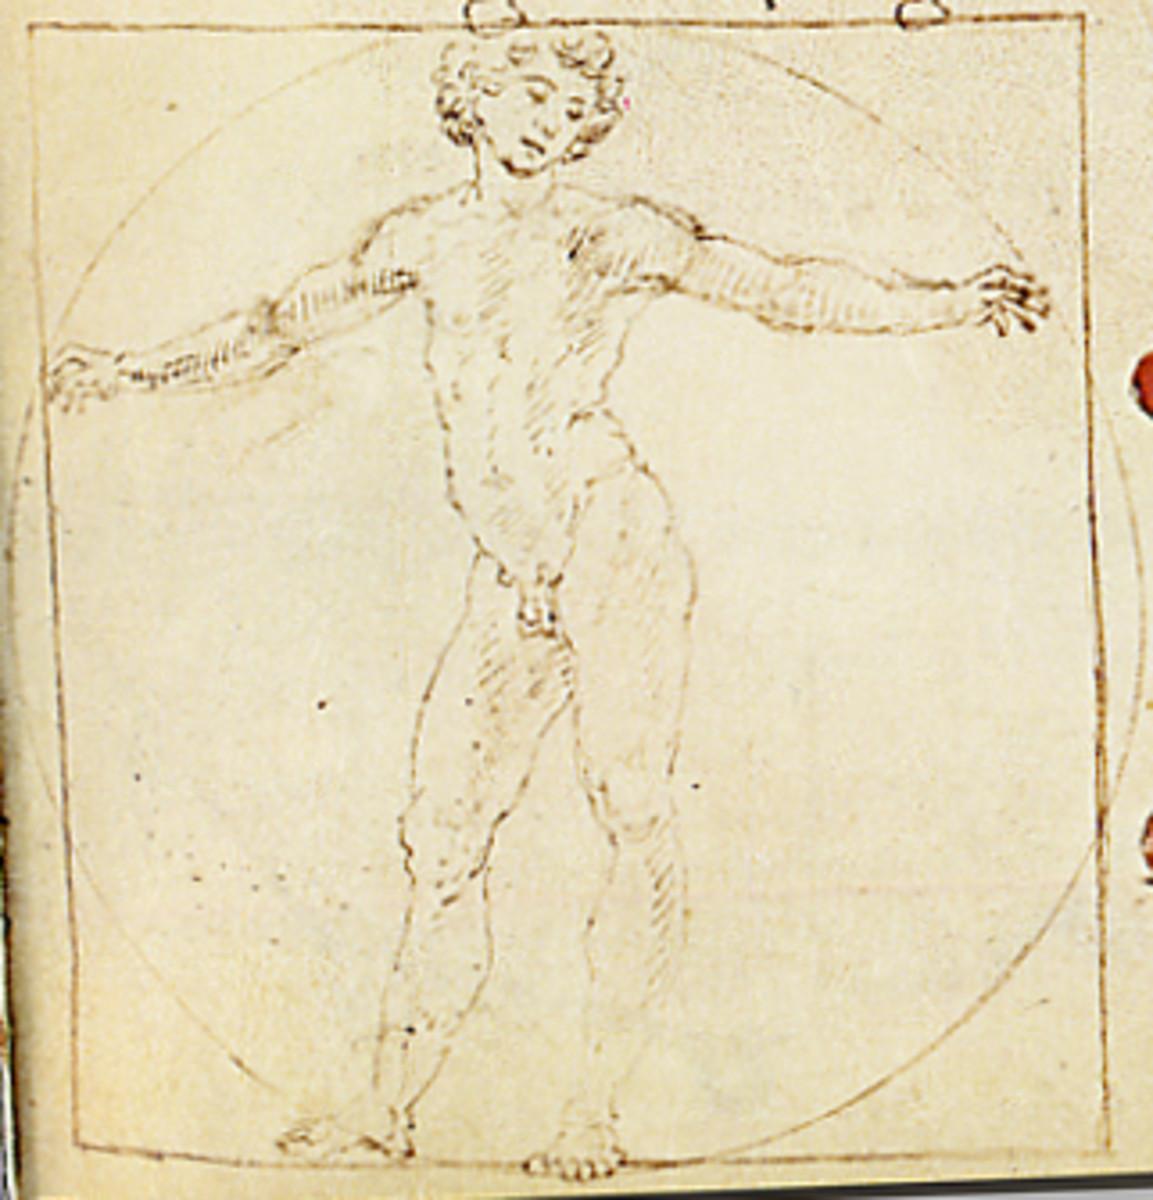 Francesco di Giorgio Martini - Illustration from the Trattato di architettura - c. 1470